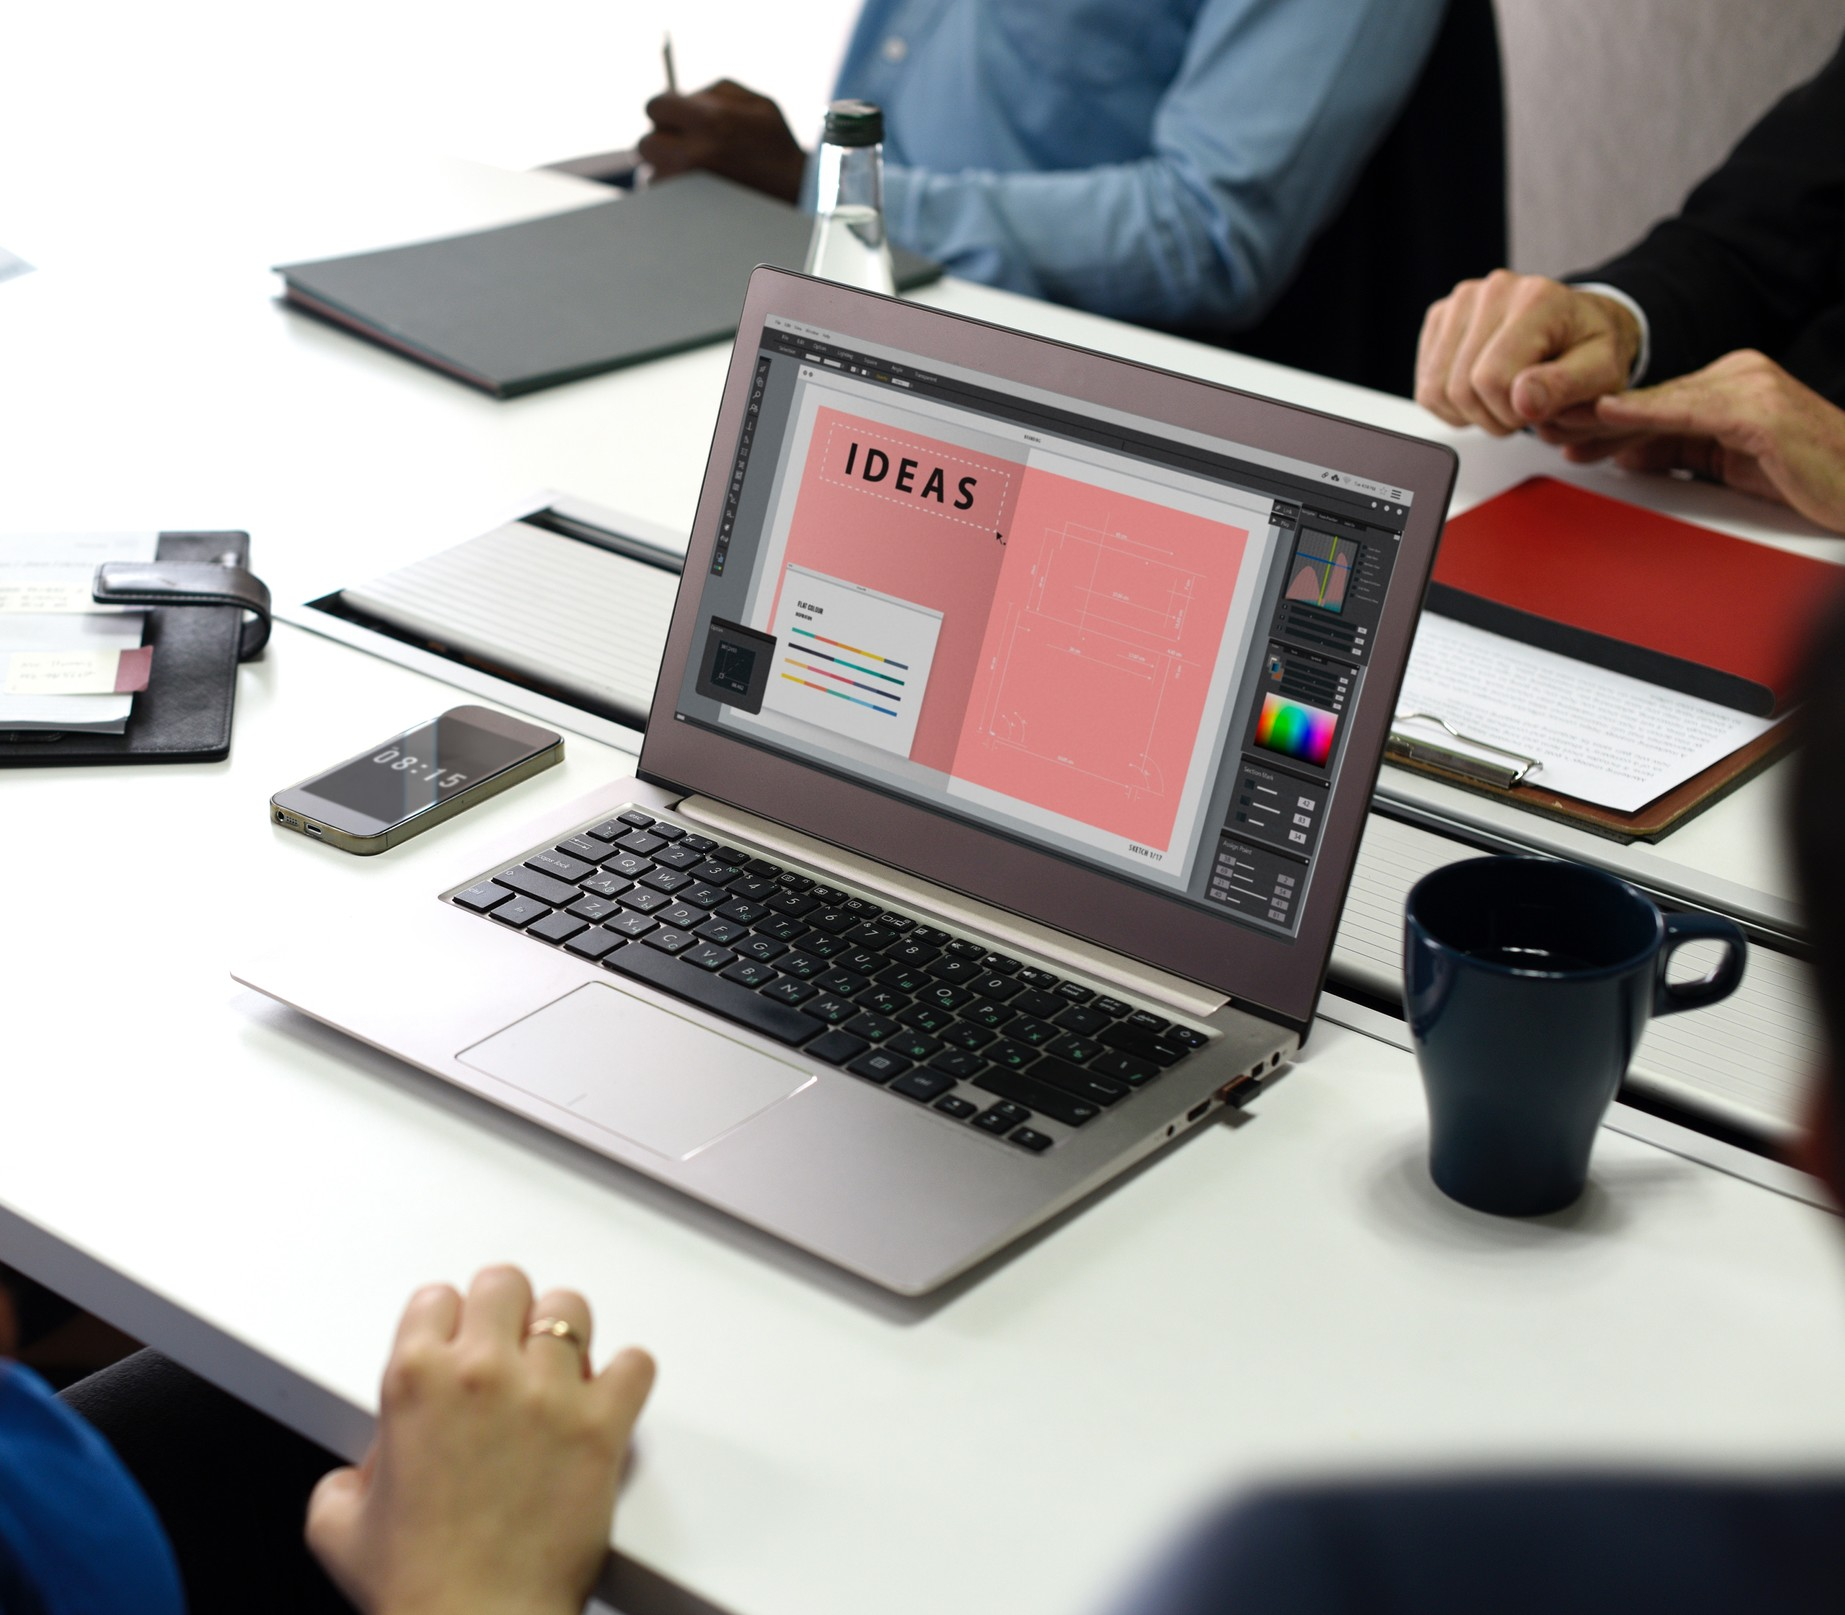 Innovation / Ideation Workshop